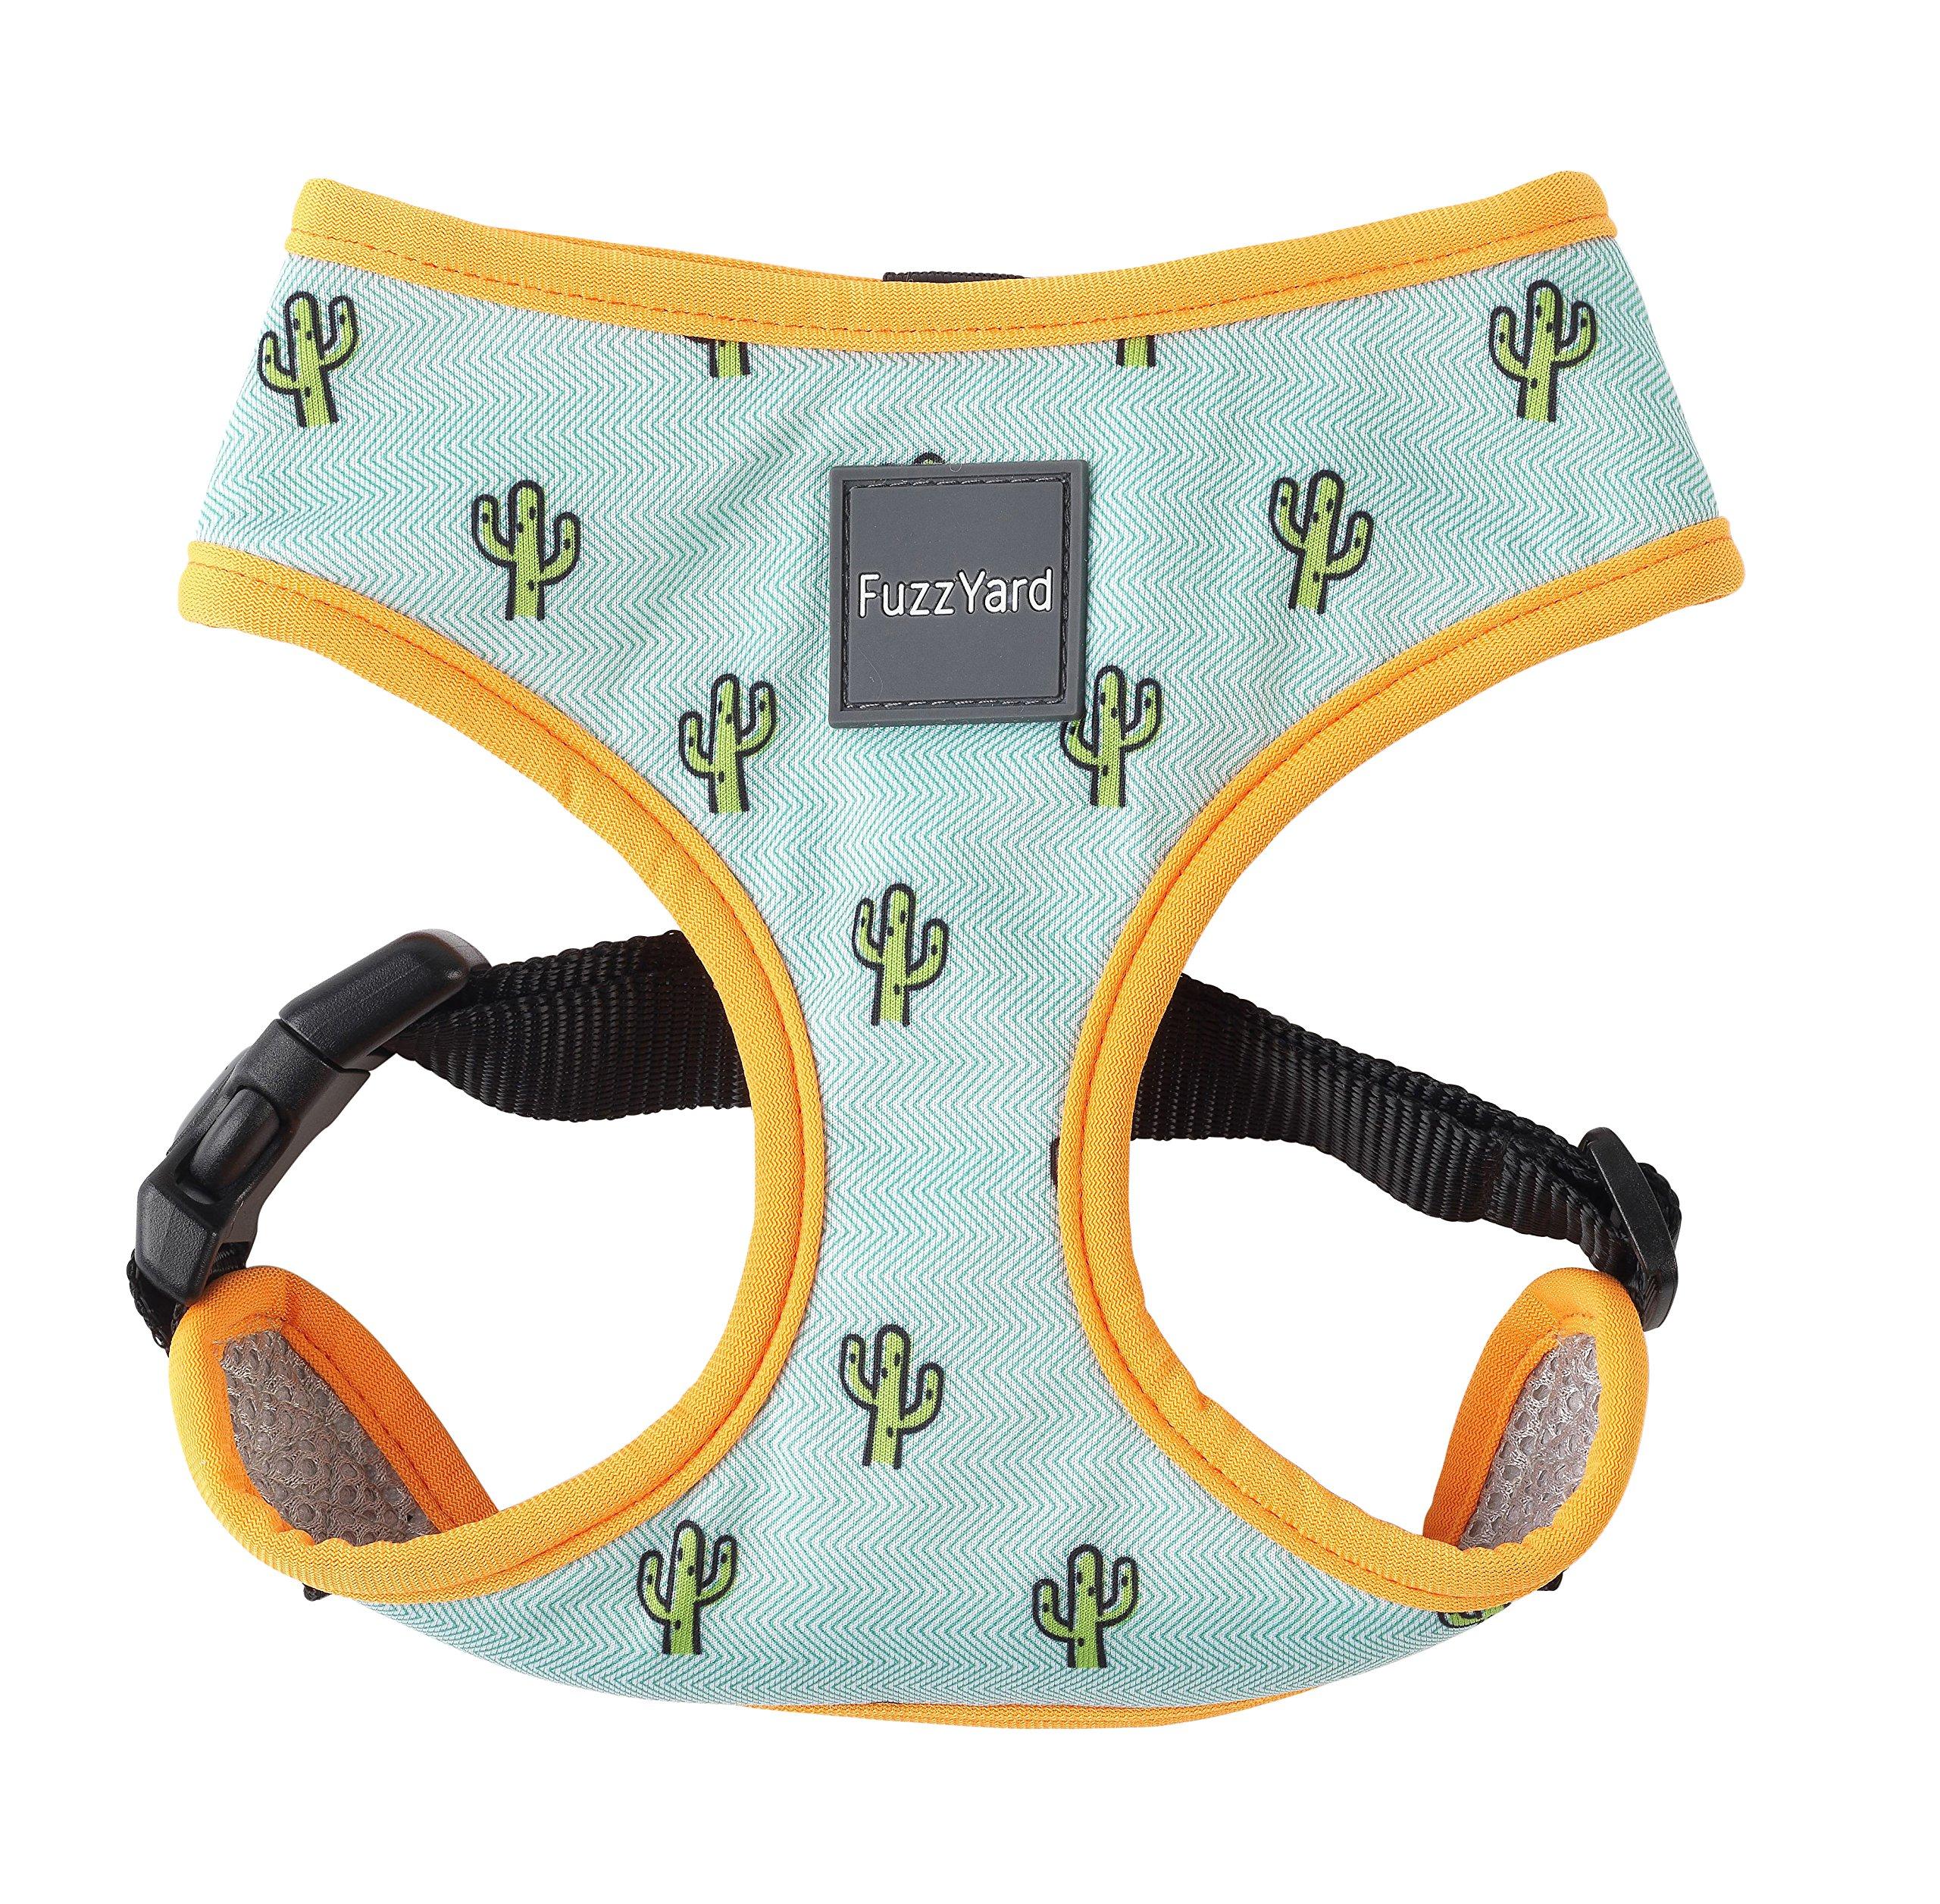 Fuzzyard Harness (Tucson, X-Small Harness)